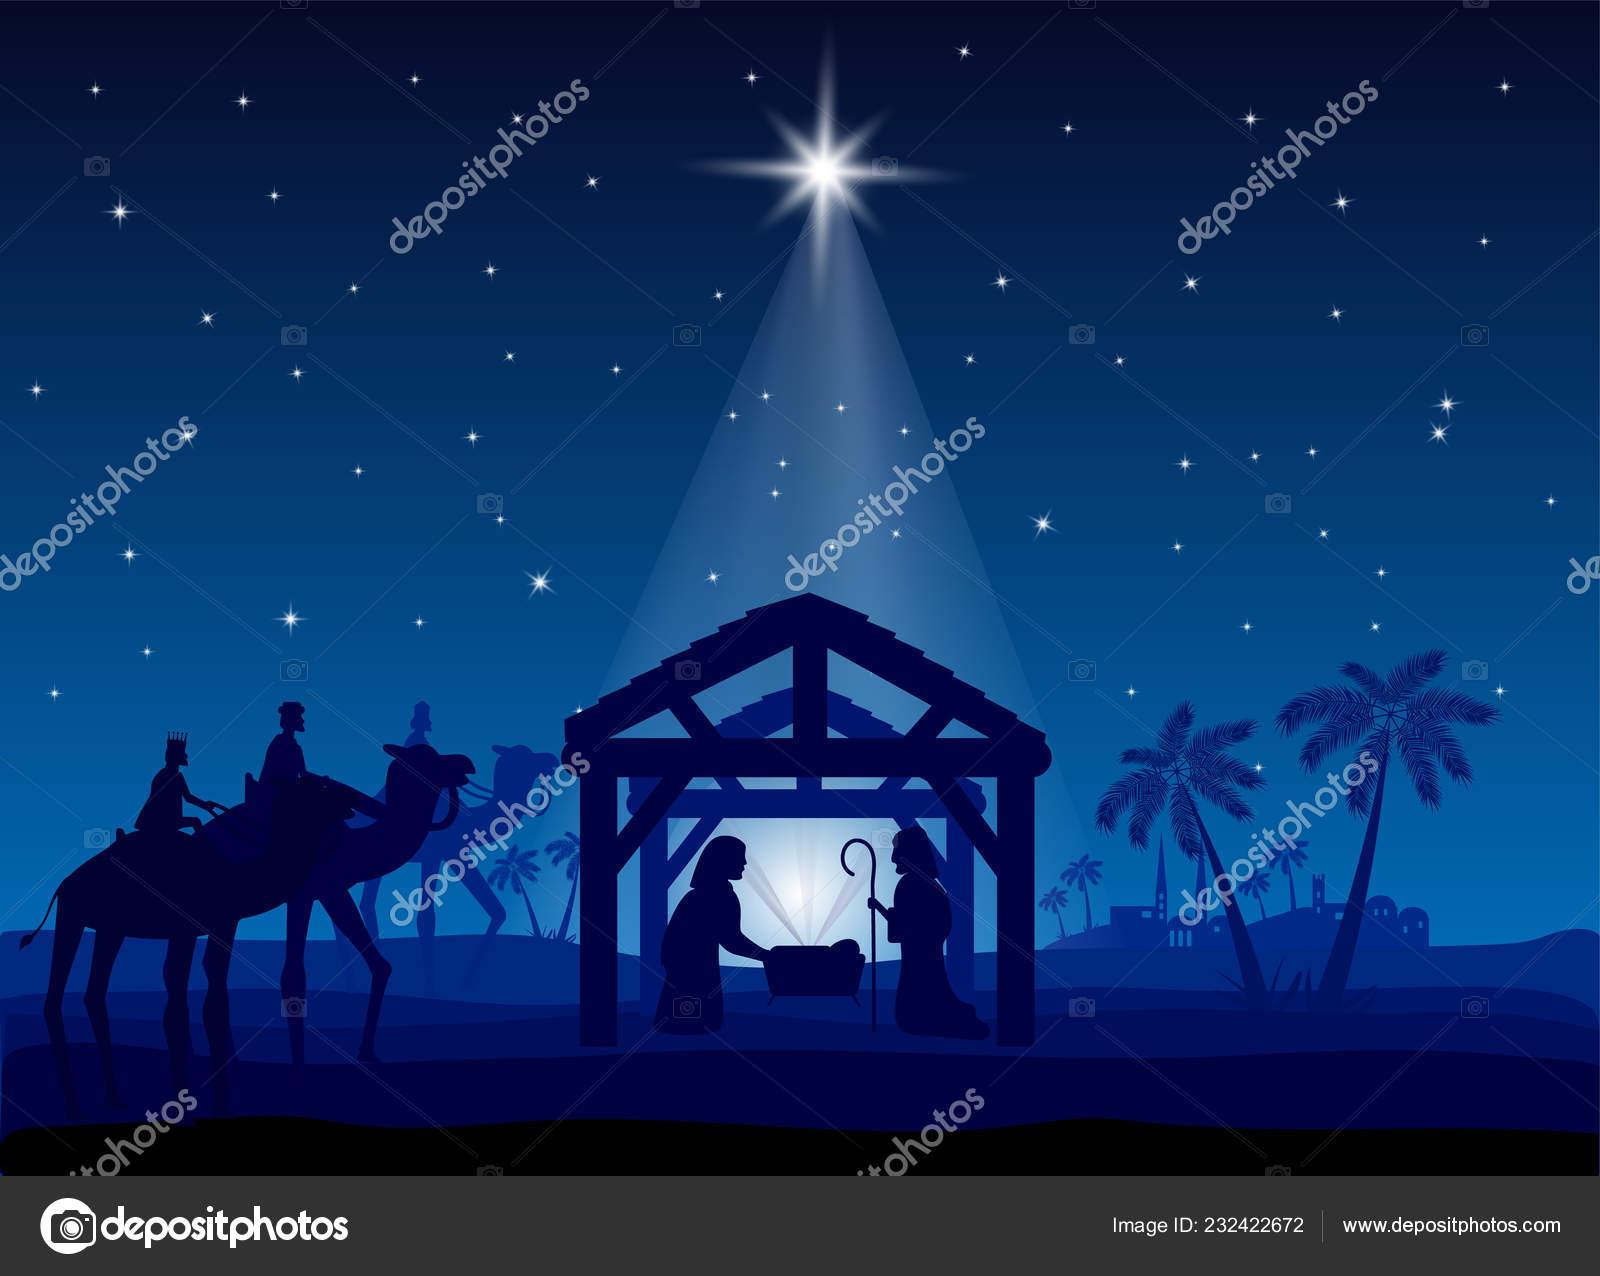 Christliche Bilder Weihnachten.Traditionelle Christliche Weihnachten Weihnachtskrippe Baby Jesus